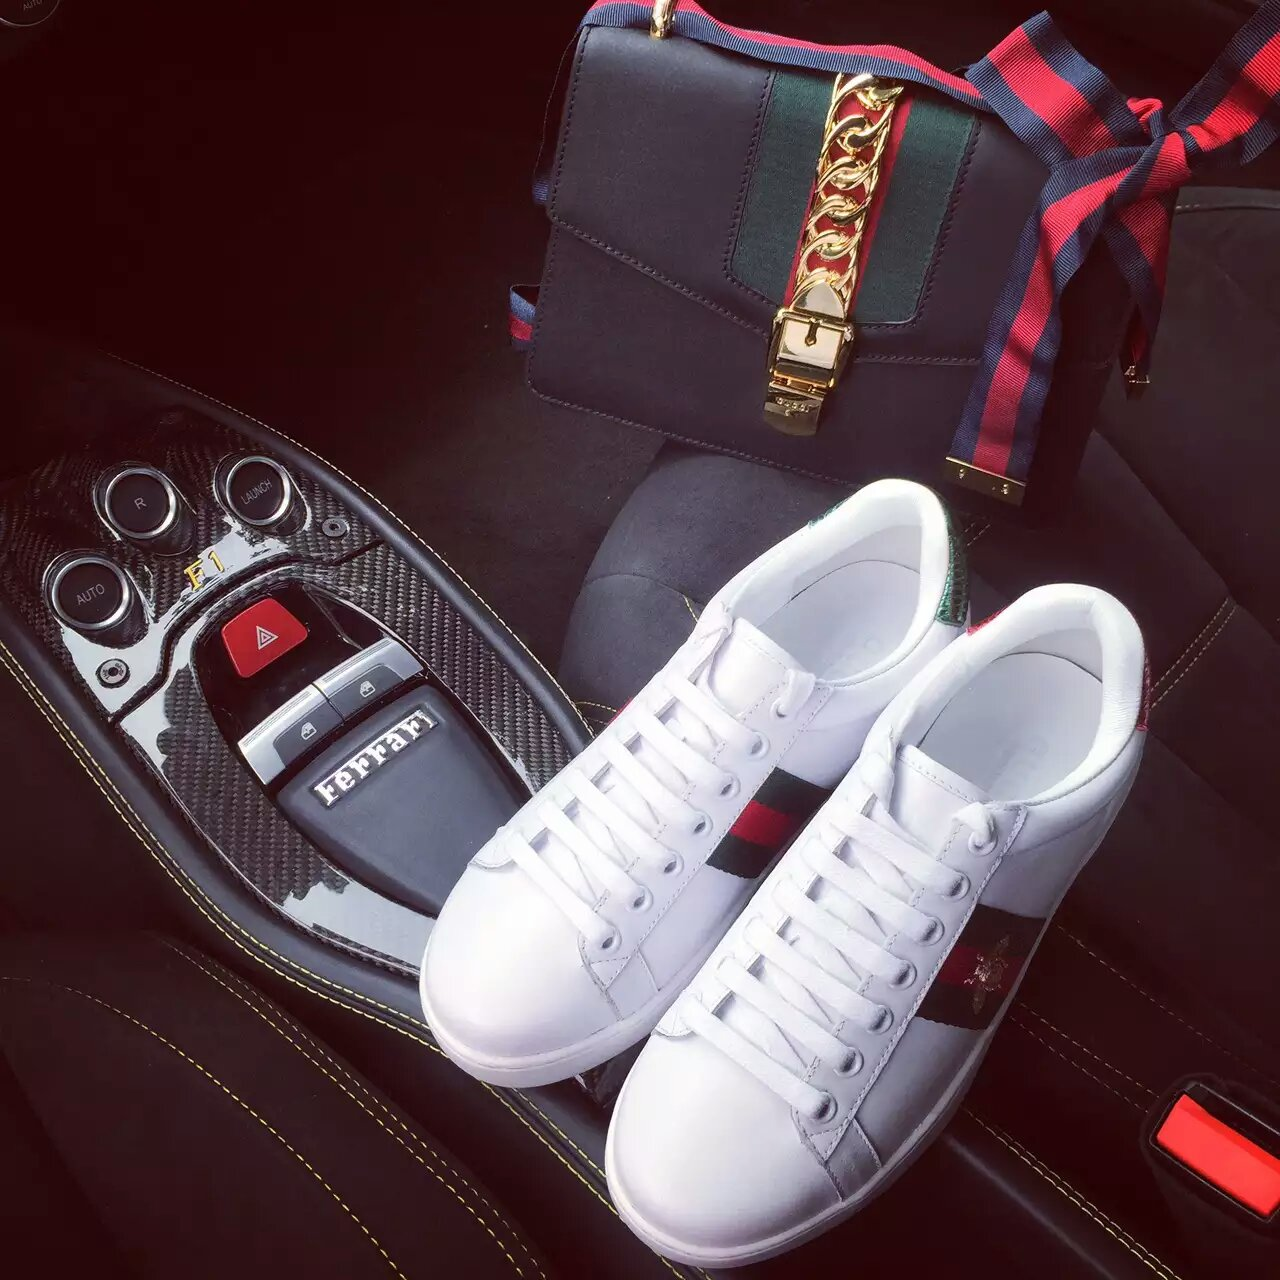 Gucci /古驰16刺绣织带小白鞋_休闲鞋